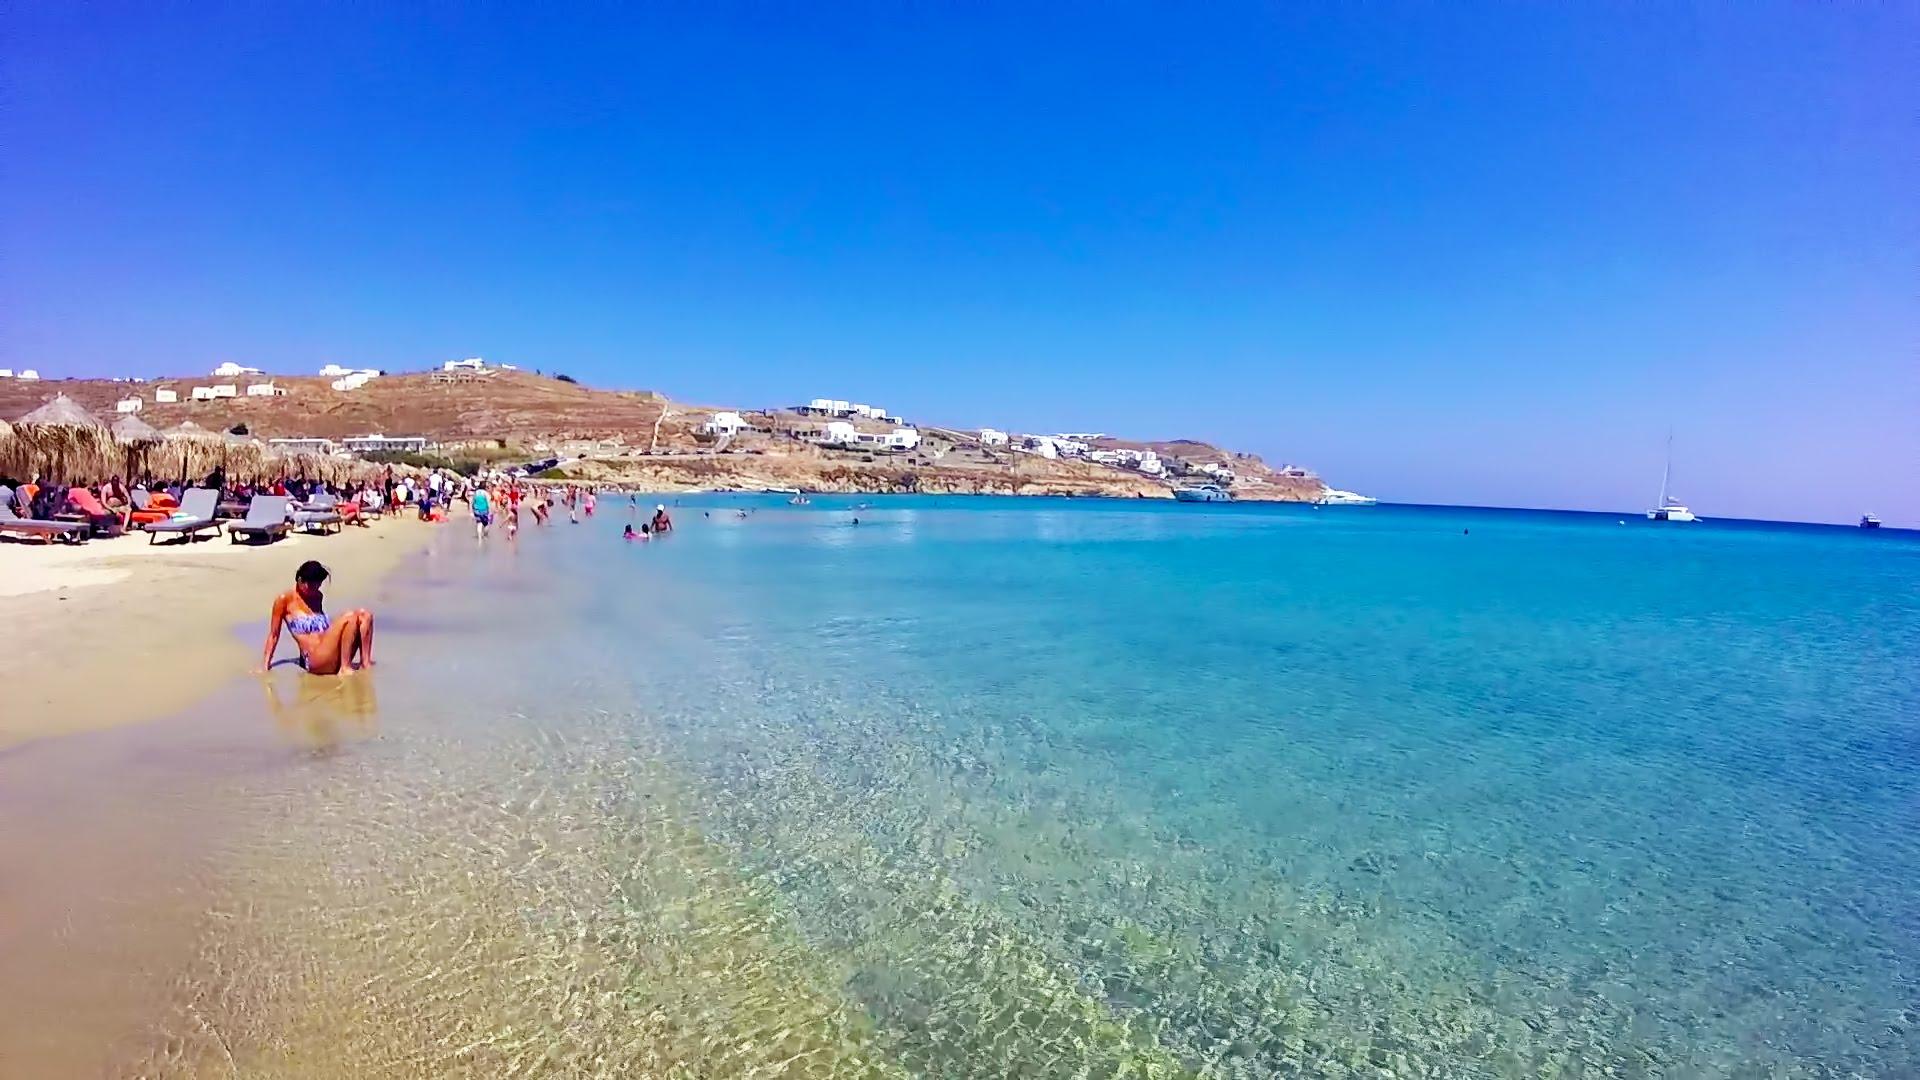 Kalo Livadi Beach Mykonos Videos